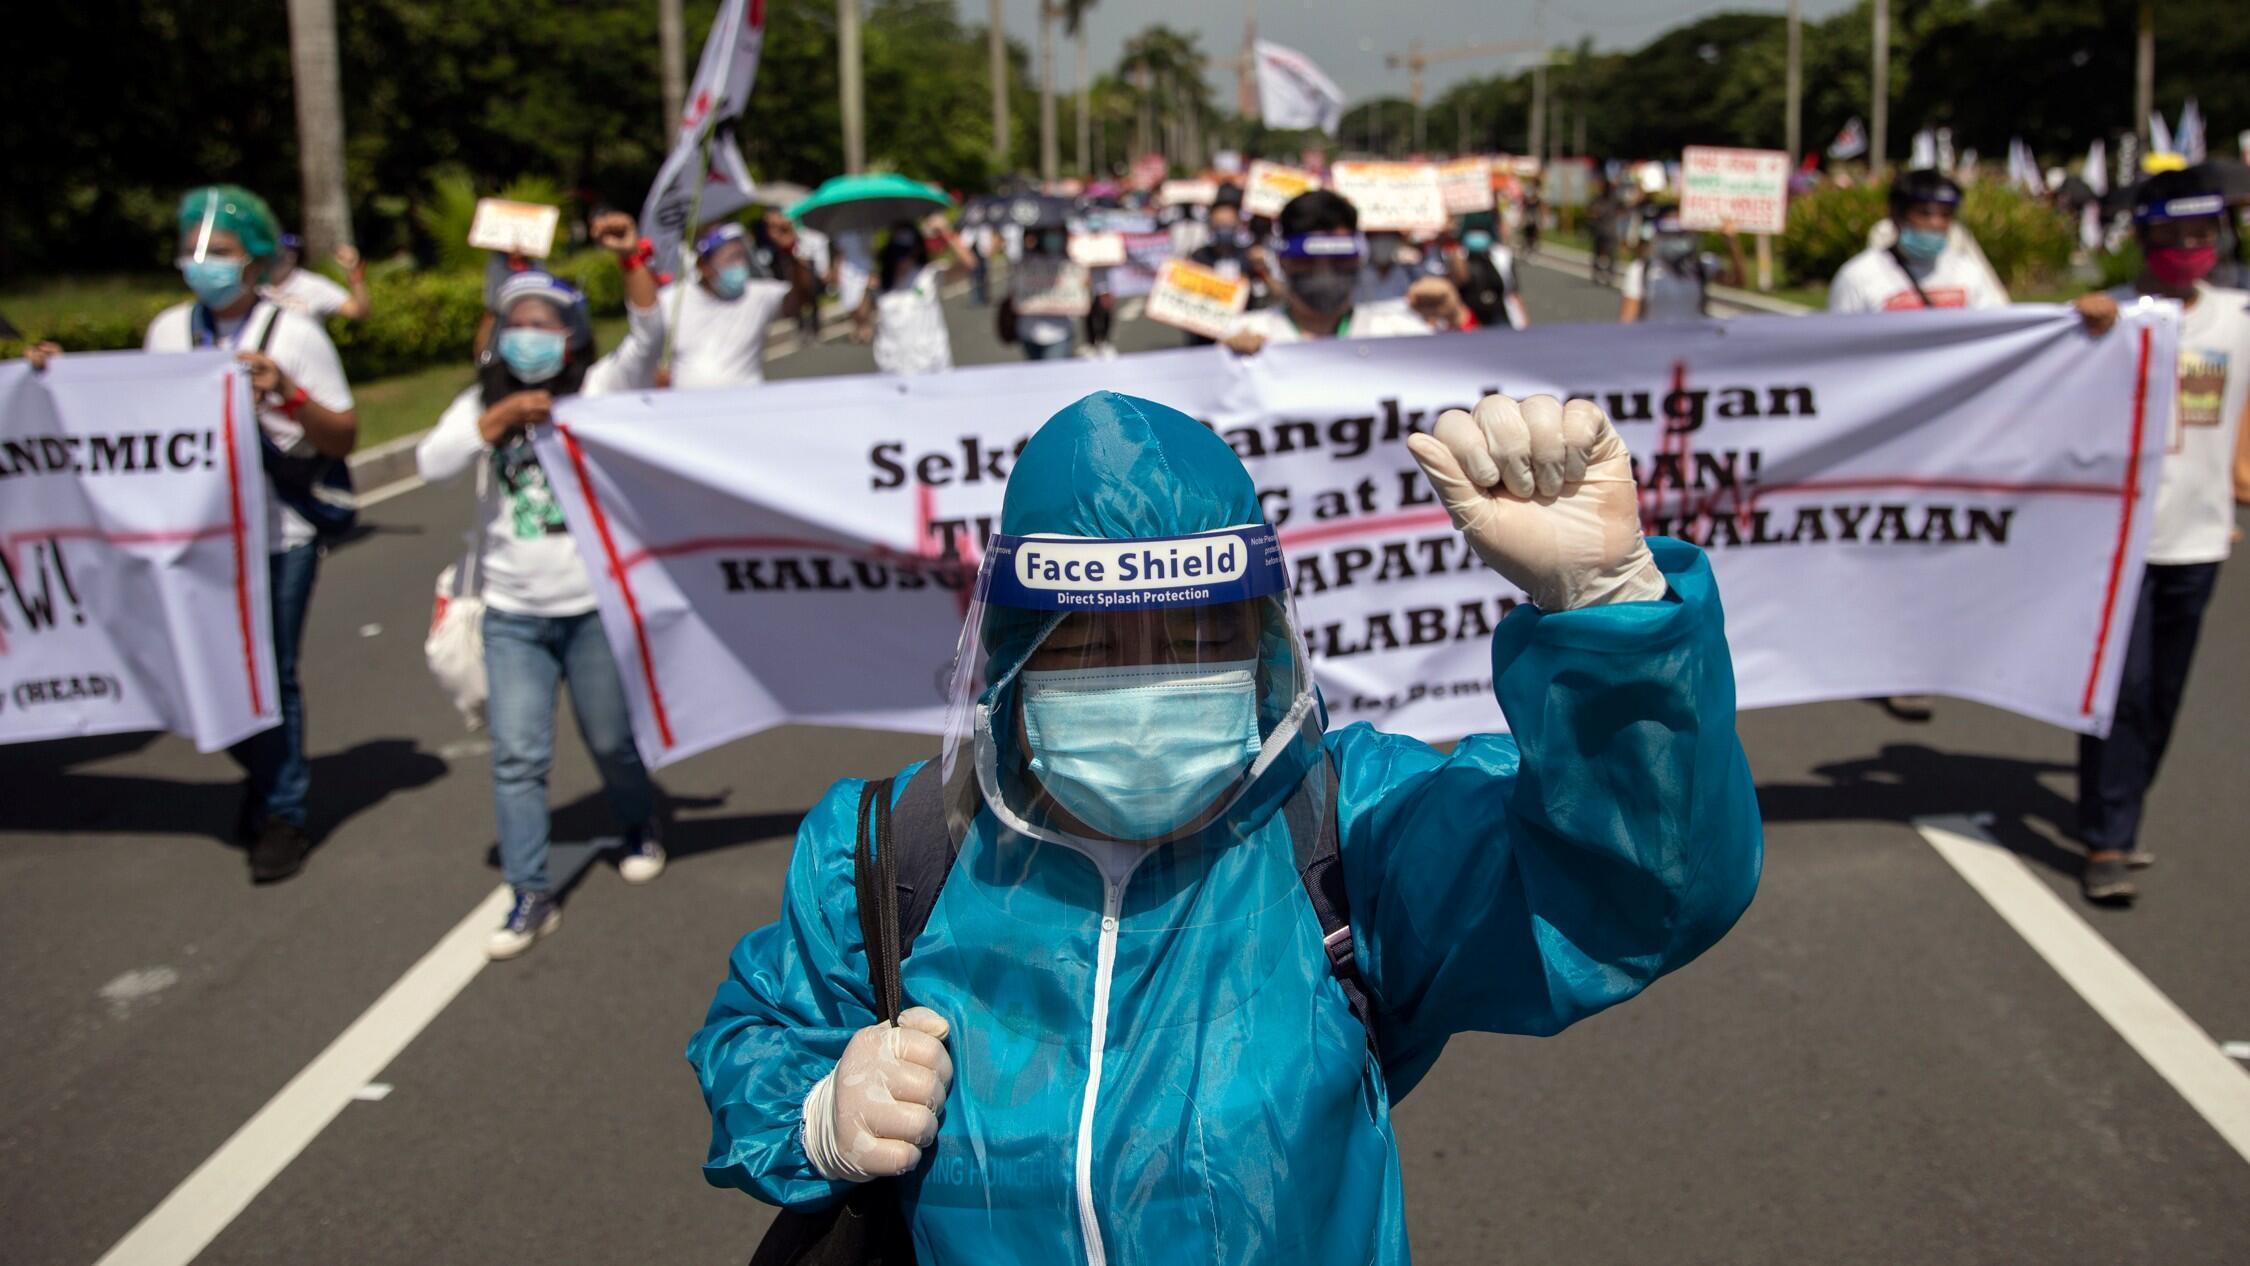 Un trabajador de la salud en traje de materiales peligrosos se une a la protesta antes del quinto discurso del Estado de la Nación del presidente filipino Rodrigo Duterte, en University Avenue, Quezon City, Metro Manila, Filipinas, 27 de julio de 2020.